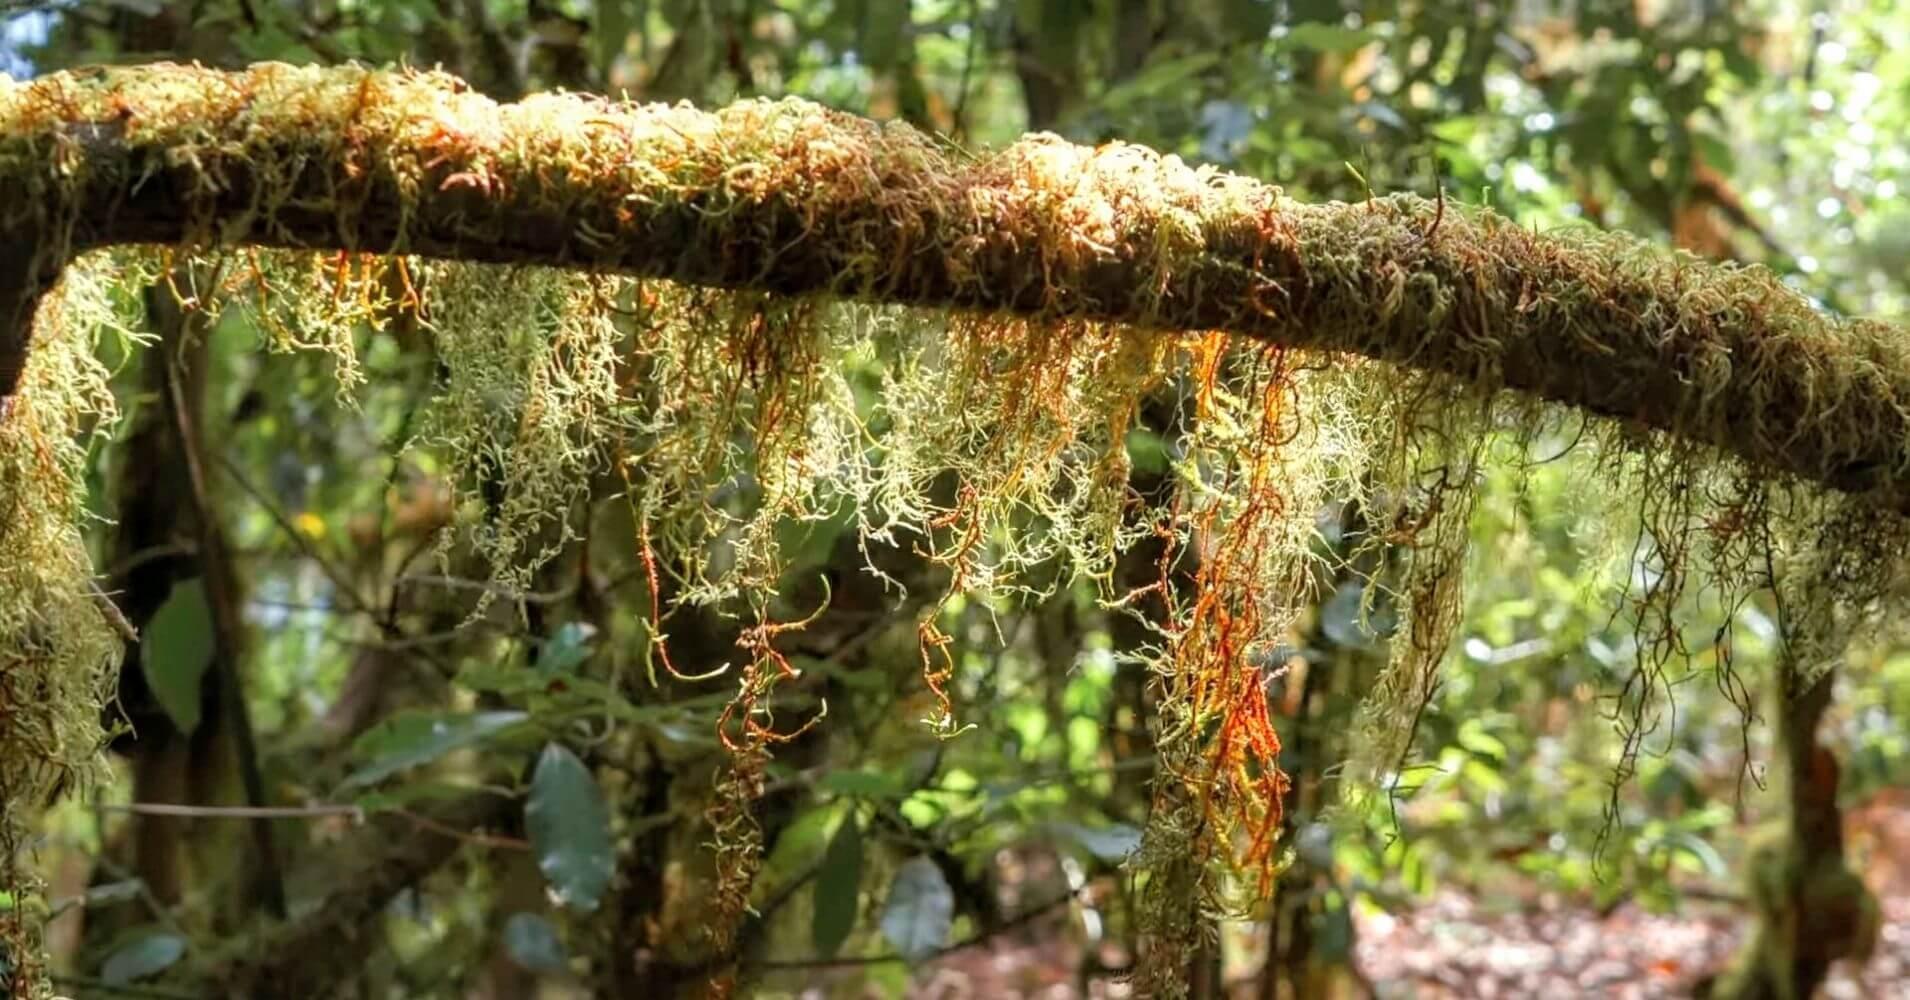 Bosque de Laurasilva del Parque Nacional de Garajonay. La Gomera, Islas Canarias.